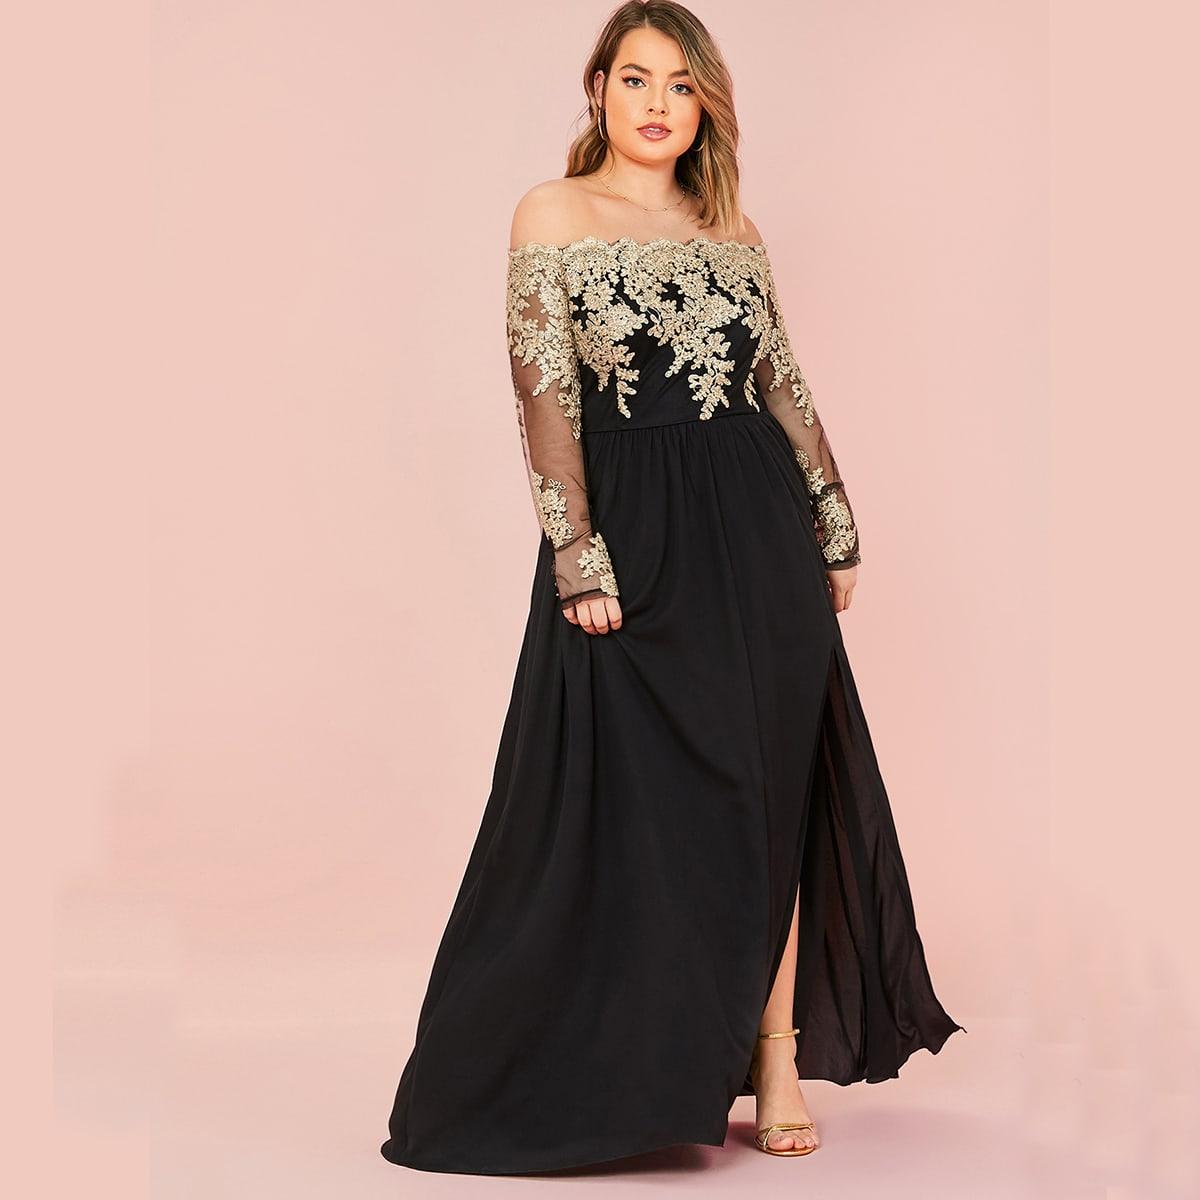 Сетчатое платье размера плюс с открытыми плечами и разрезом